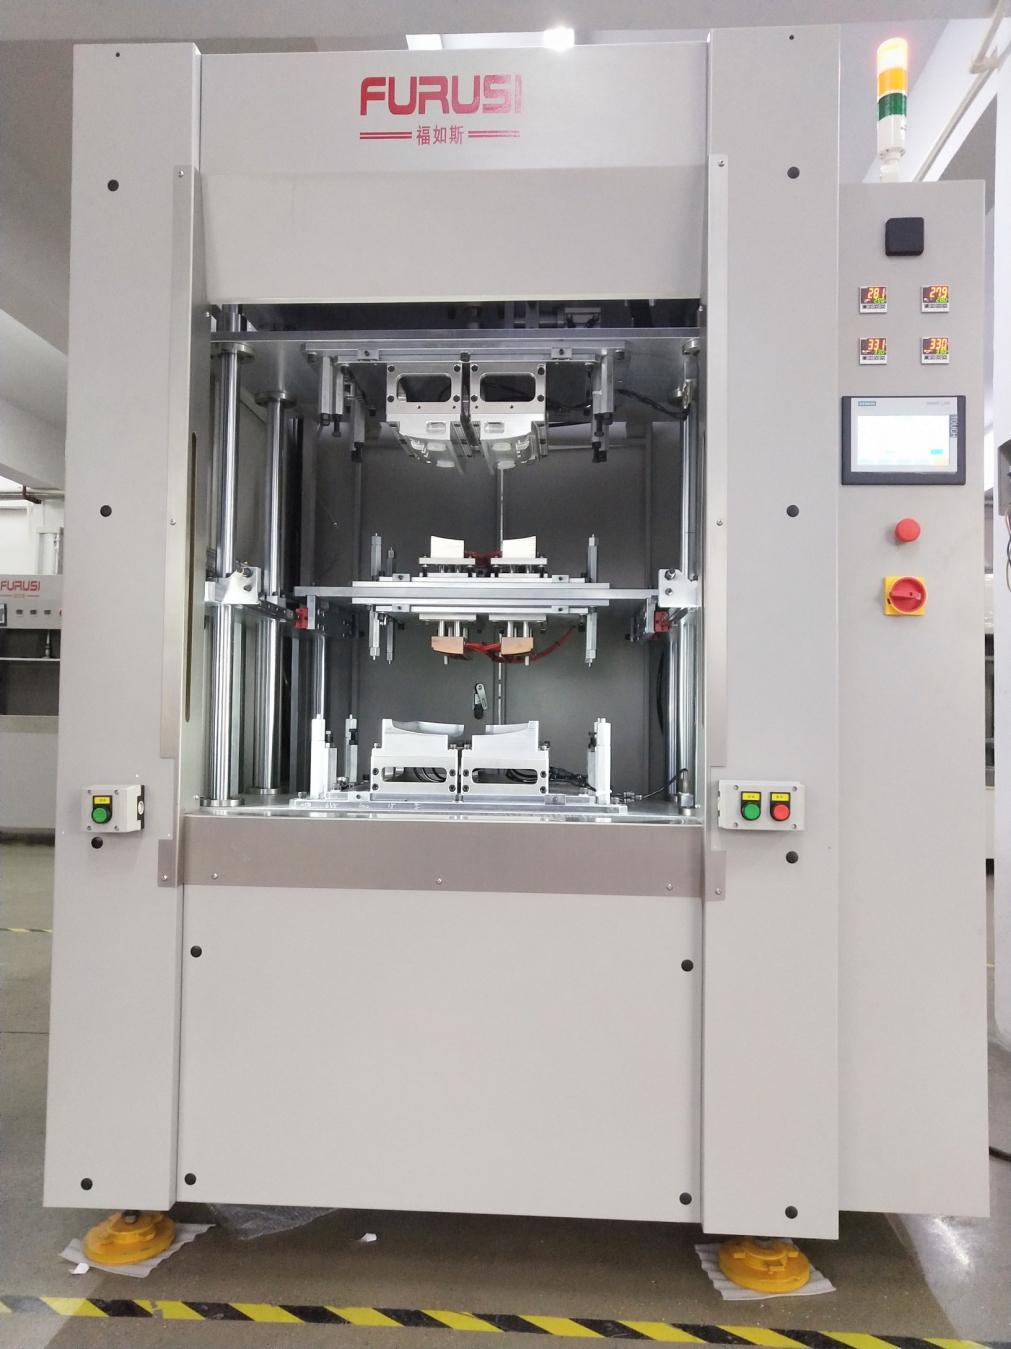 宁波直销热板机免费咨询 创造辉煌 昆山福如斯精密机械供应